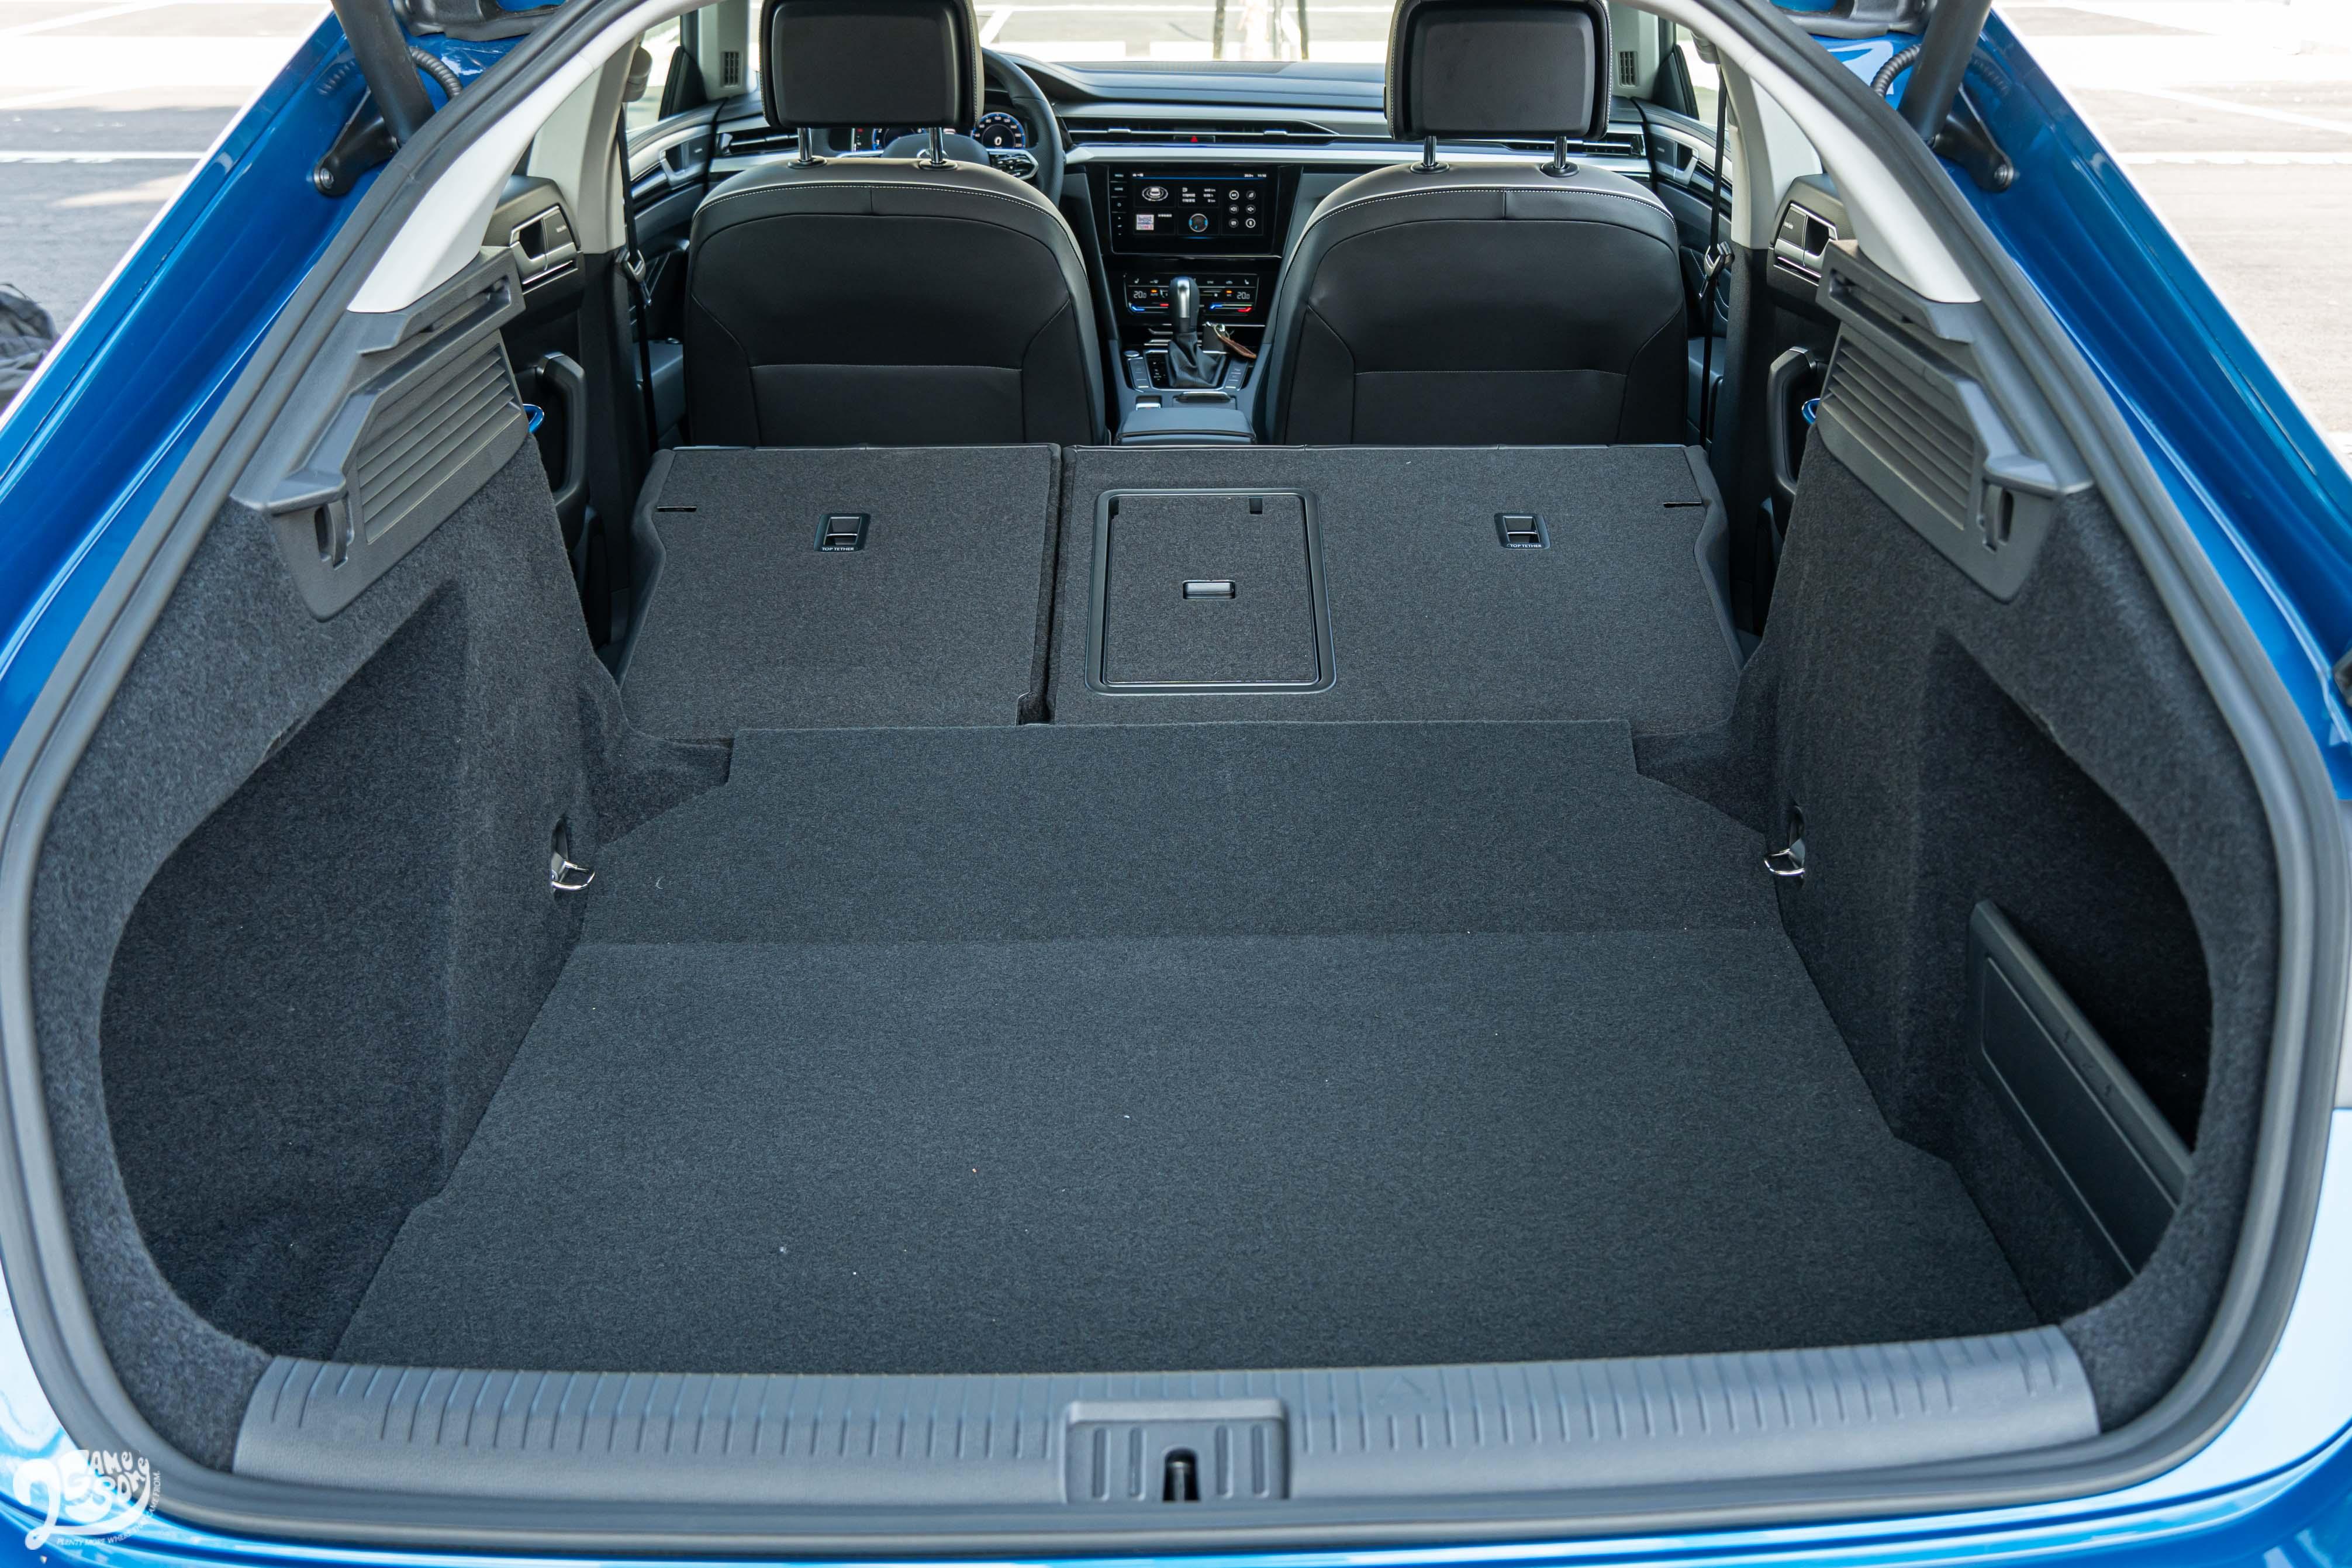 傾倒後座椅背後,置物容積更可擴充至 1557 公升水準。